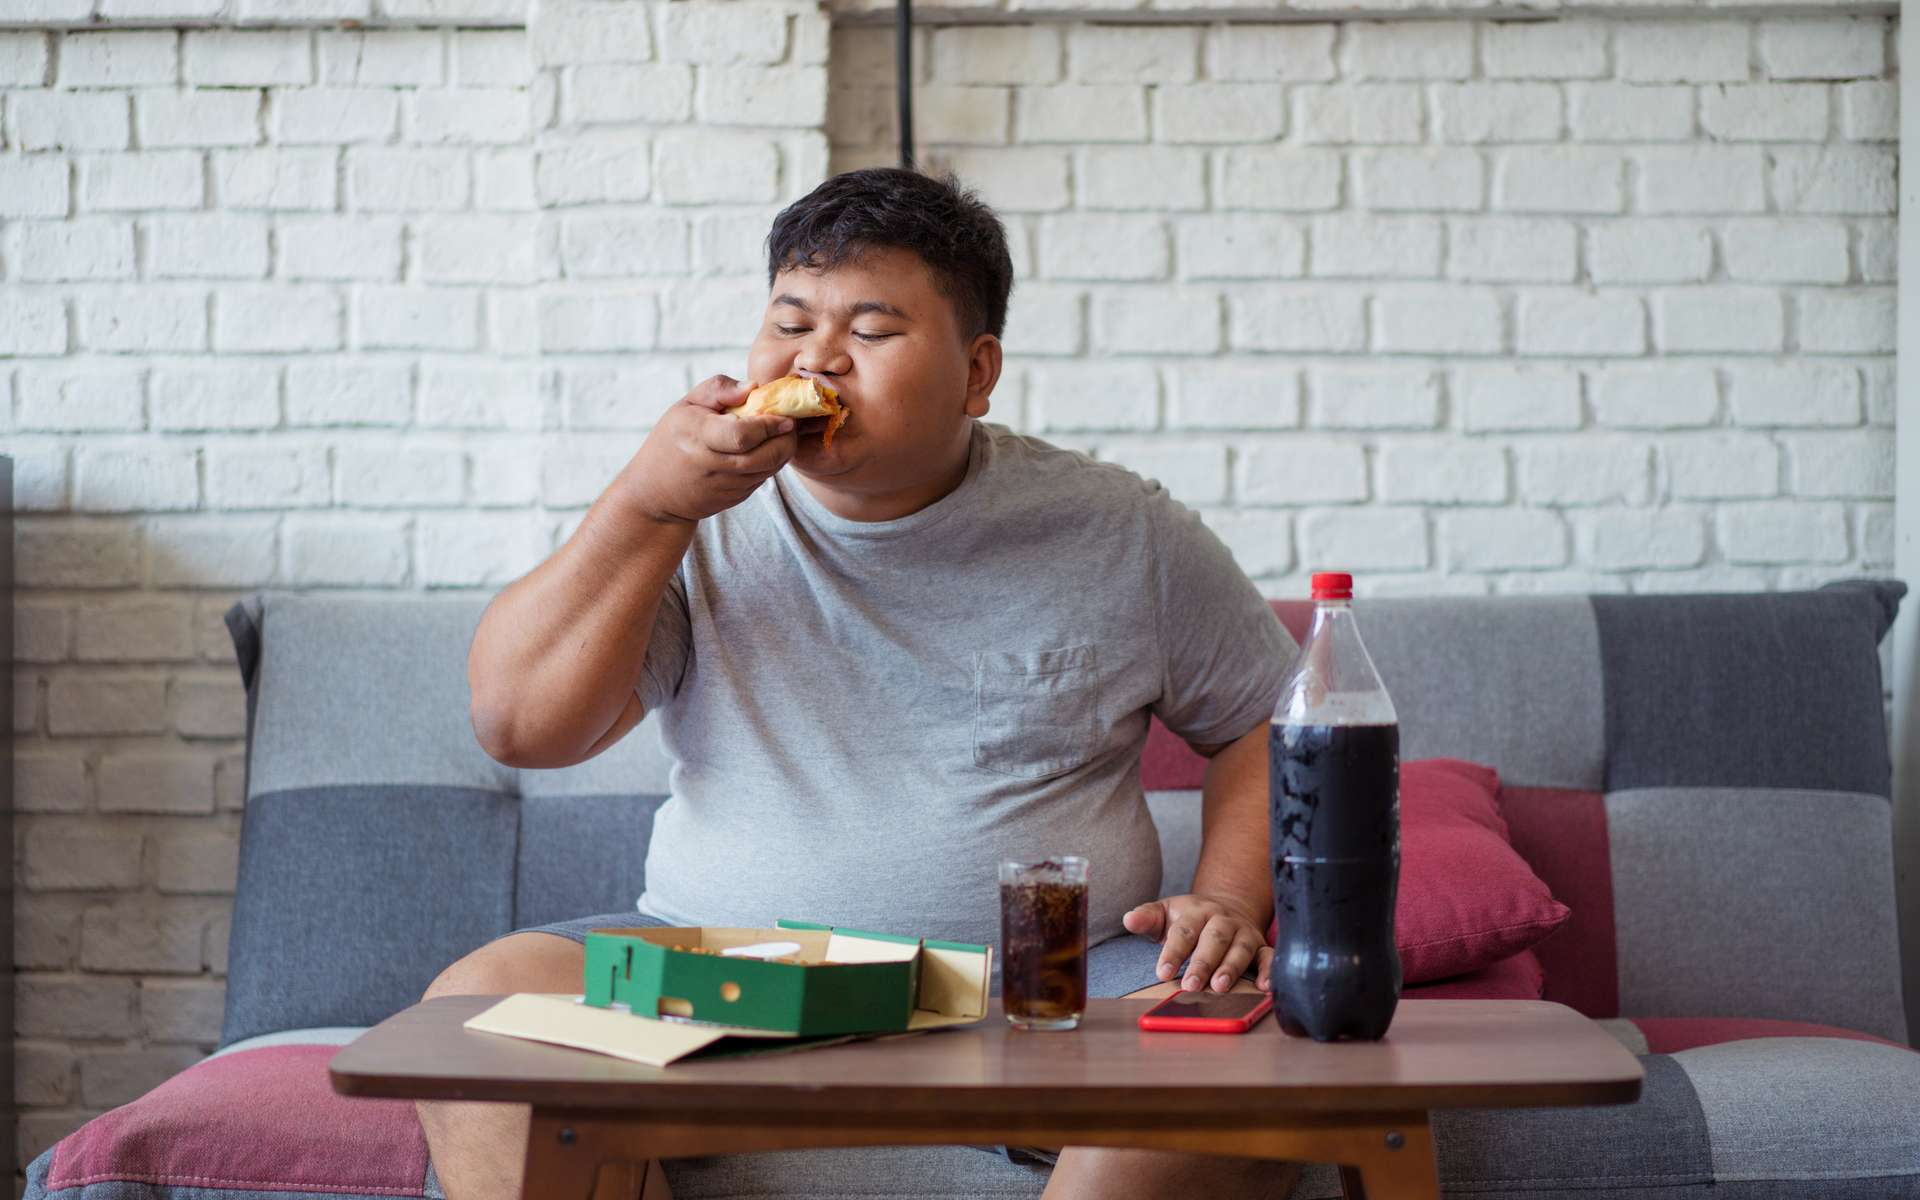 Les calories vides présentes dans les aliments ultratransformés causent le double fardeau de la malnutrition dans le monde. © torwaiphoto, Adobe Stock